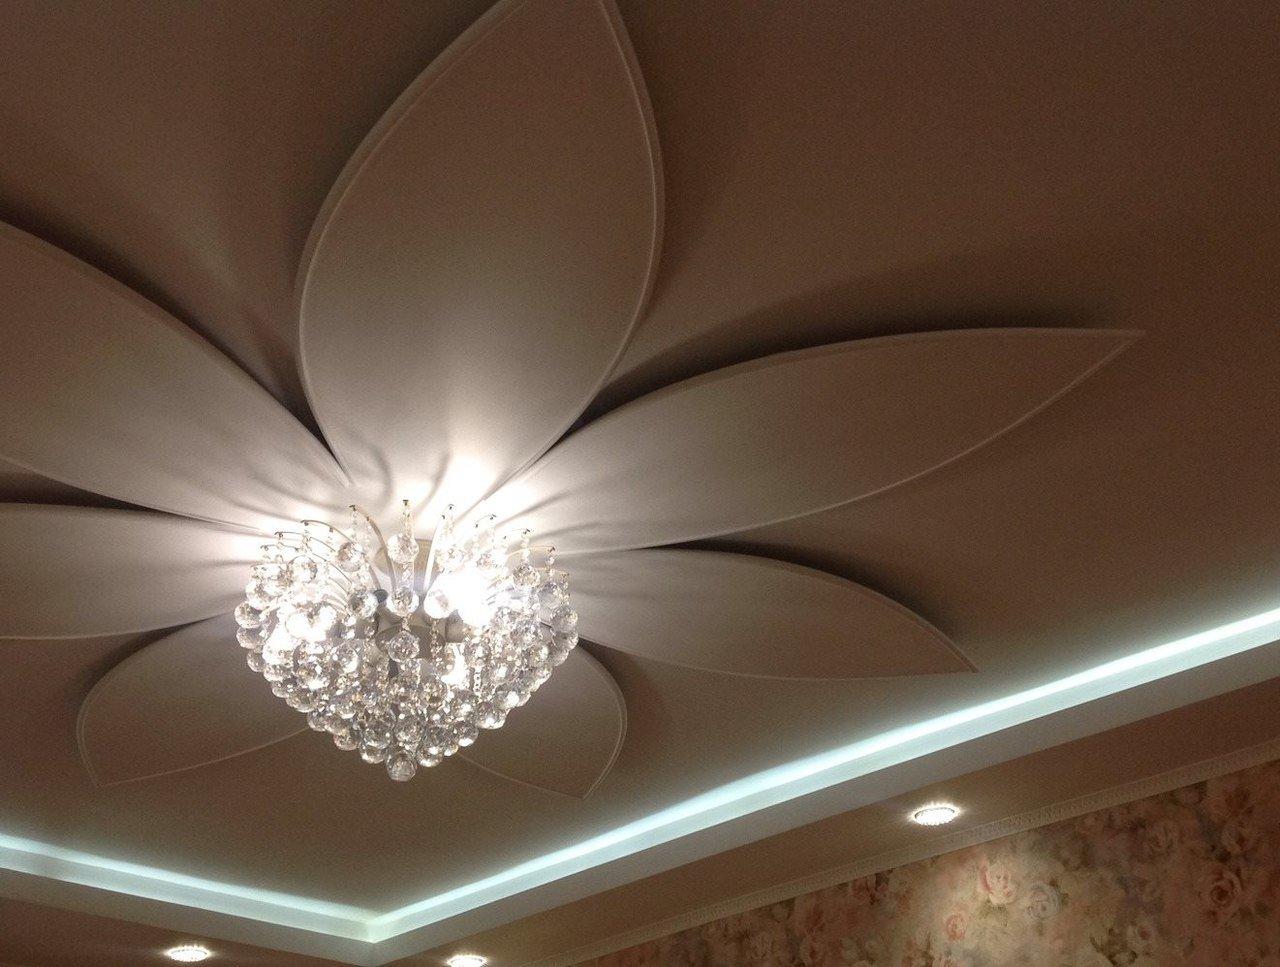 выборе, многоуровневые потолки из гипсокартона фото в зале сообщивший